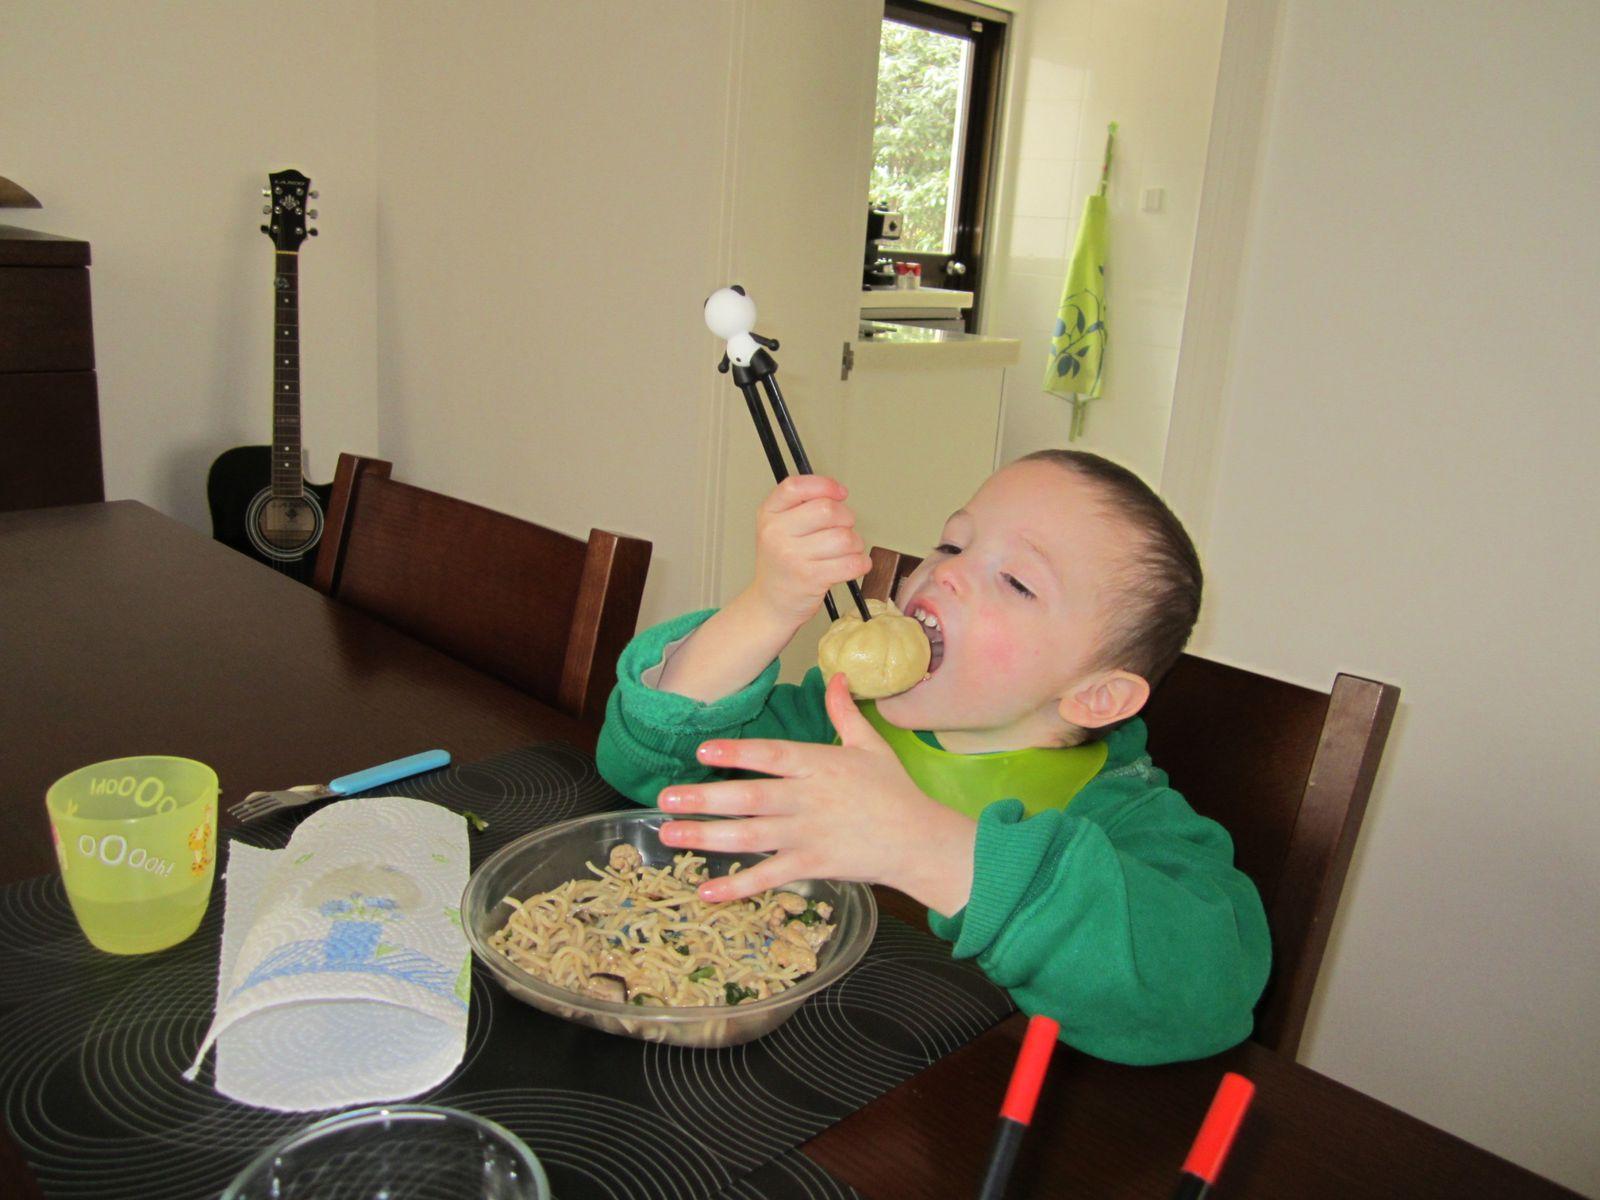 Manger avec des baguettes chinoises le blog des iss ens shanghai - Comment tenir des baguettes chinoises ...